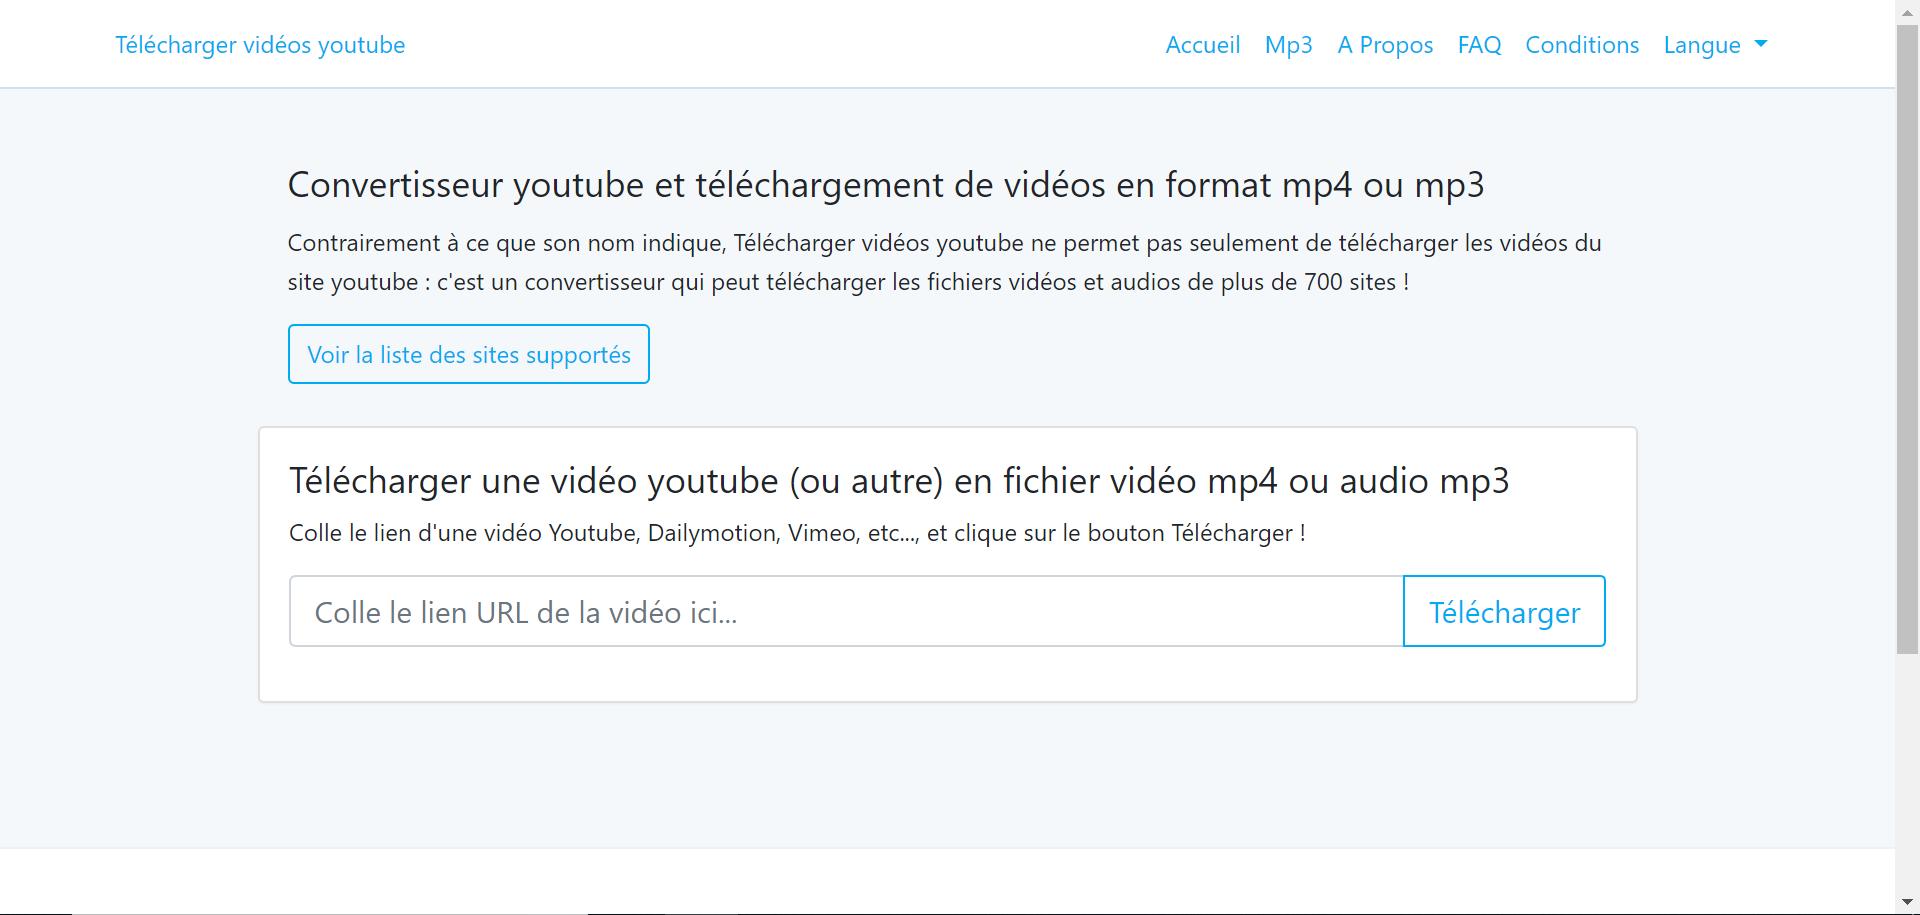 PSP VIDEO ALLOK IPOD CONVERTER 3GP GRATUIT CLUBIC TÉLÉCHARGER MP4